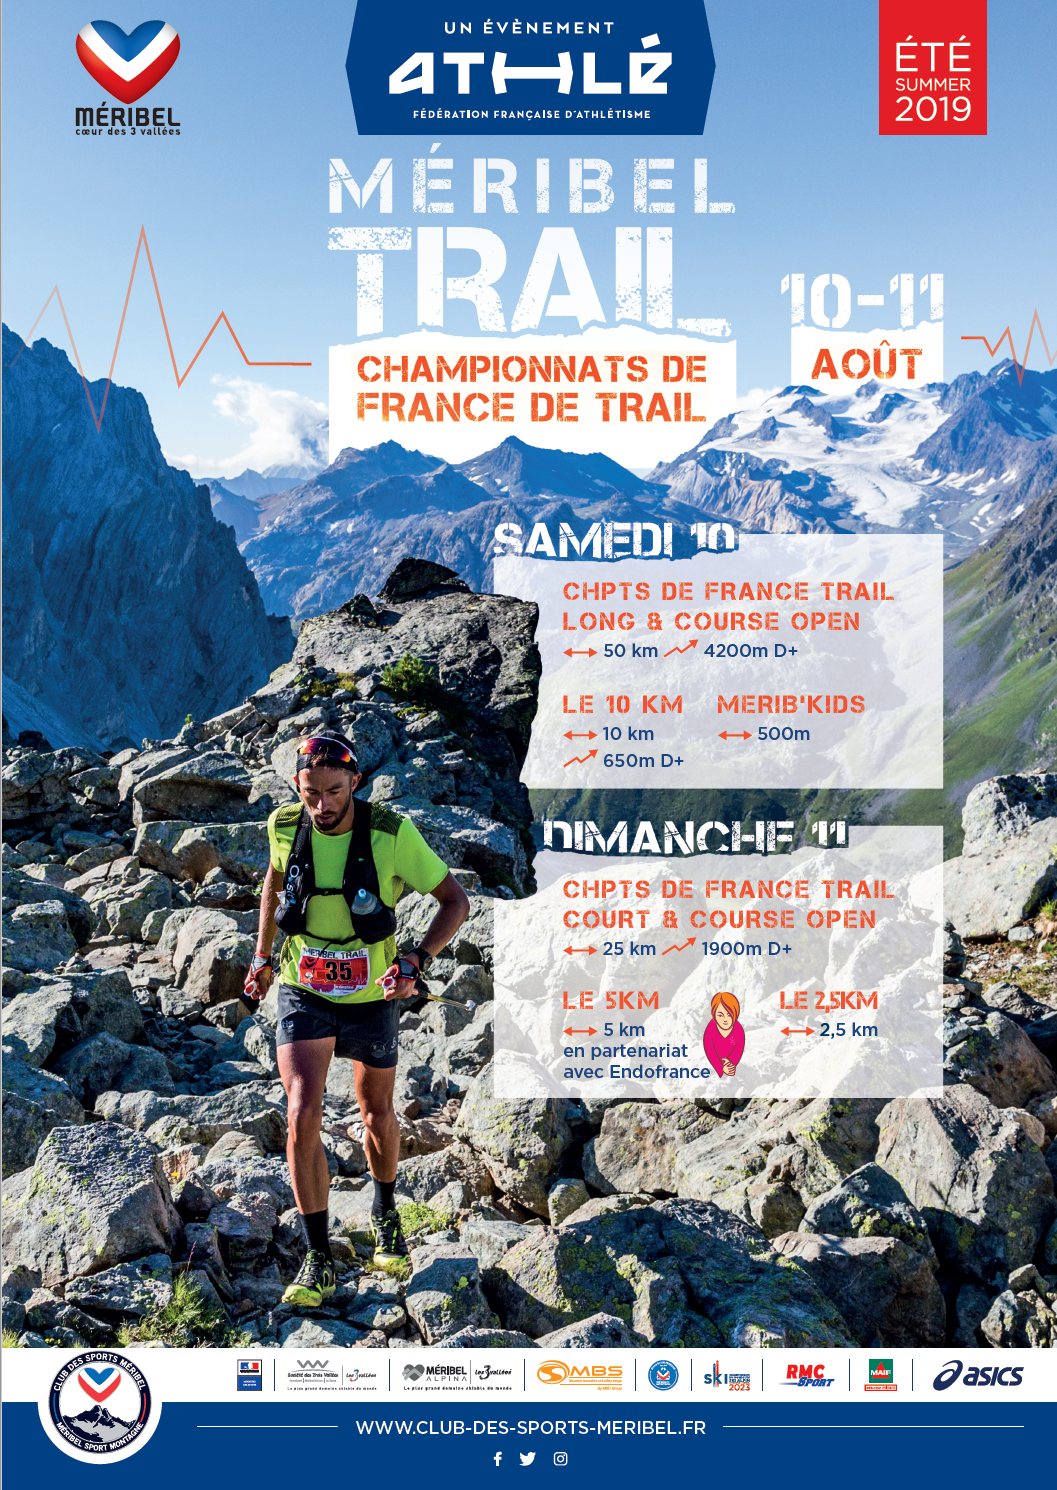 MERIBEL CHPTS DE FRANCE DE TRAIL 10 ET 11 AOUT 2019